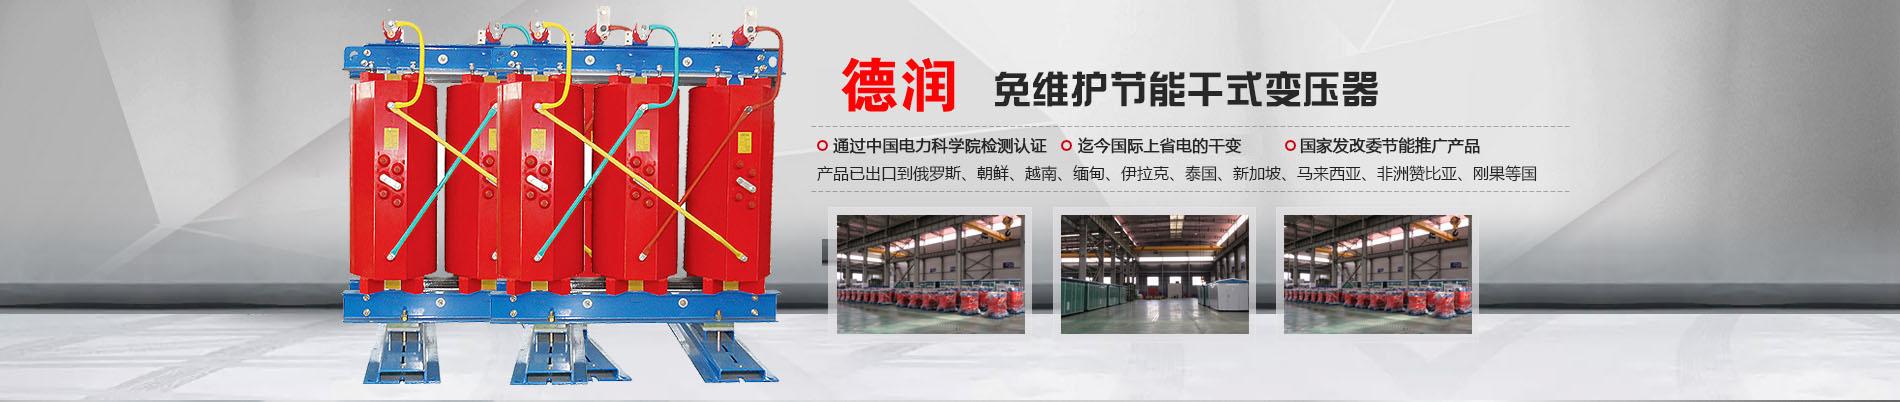 汉中干式变压器厂家